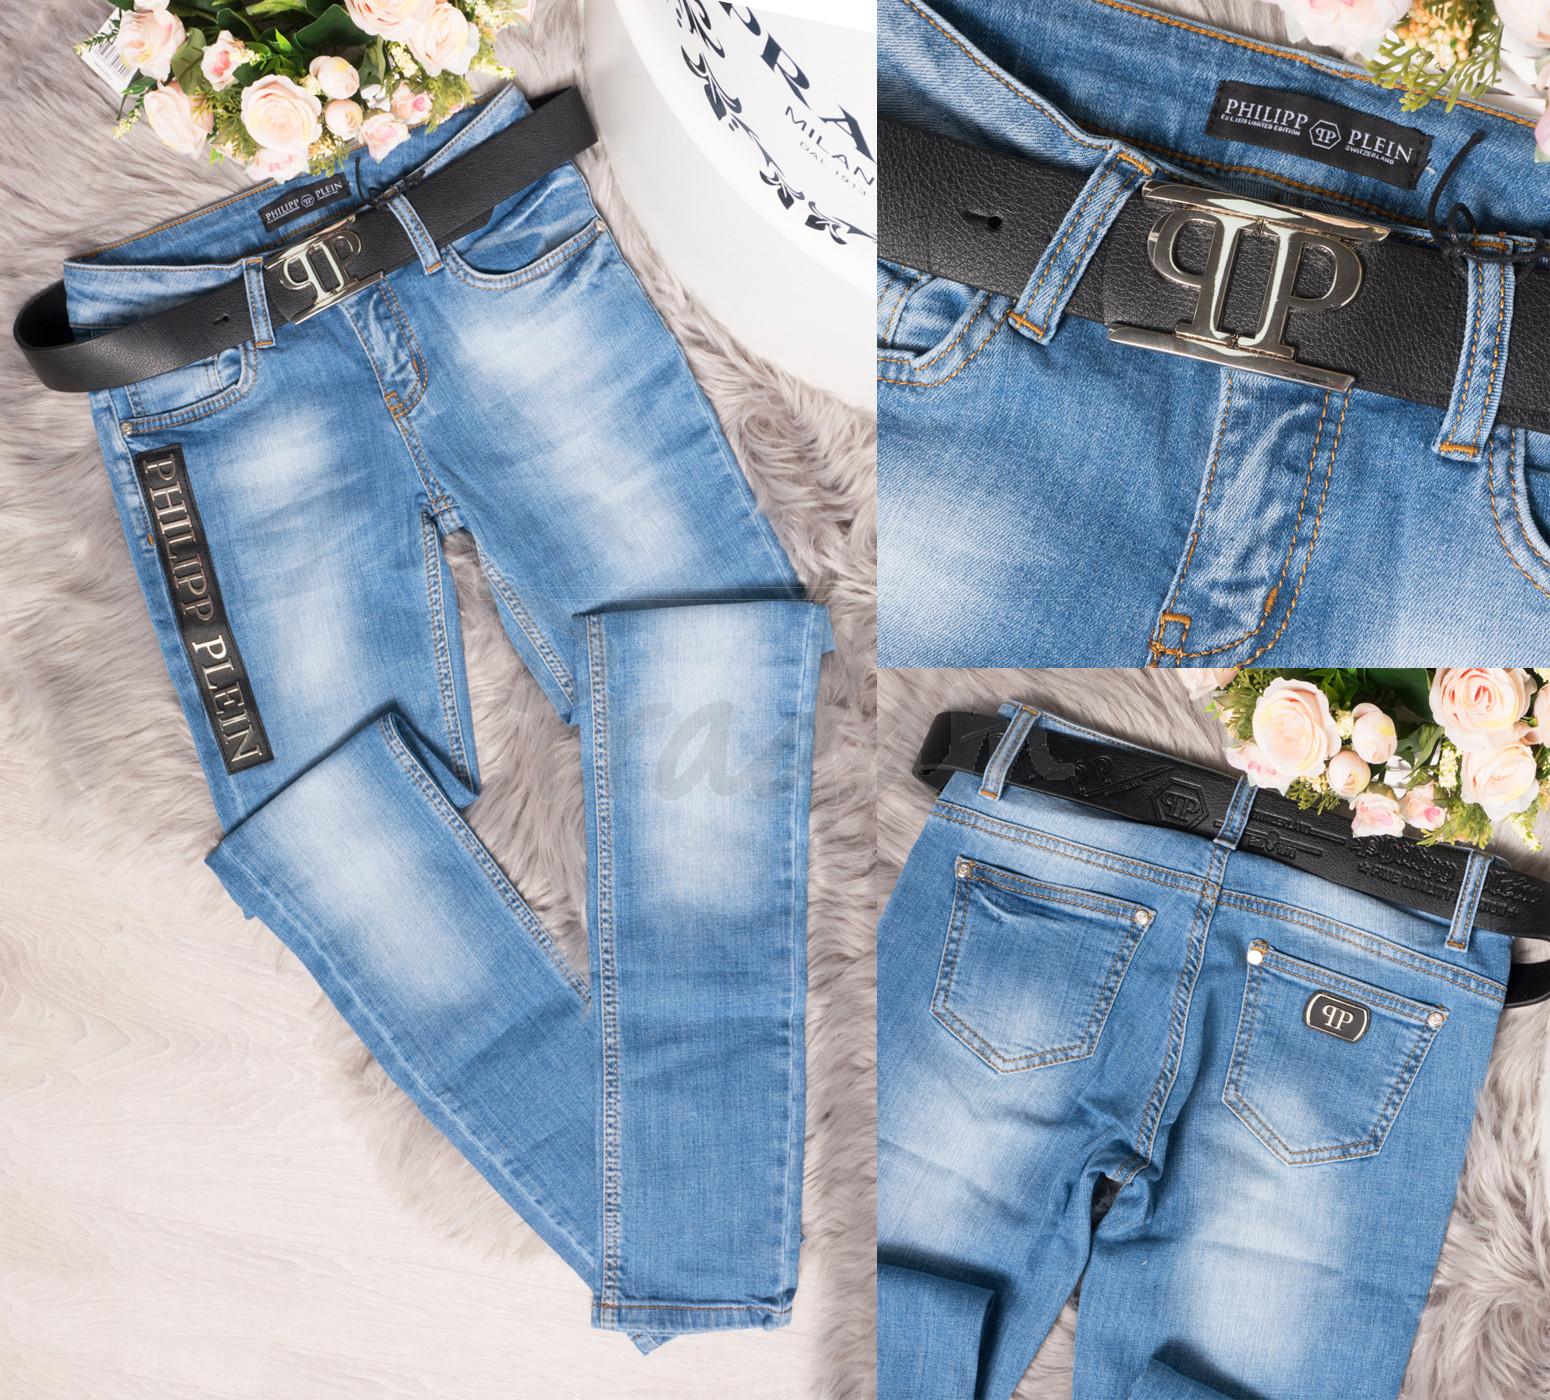 0602 Philipp Plein джинсы женские зауженные весенние стрейчевые (26-30, 5 ед.)